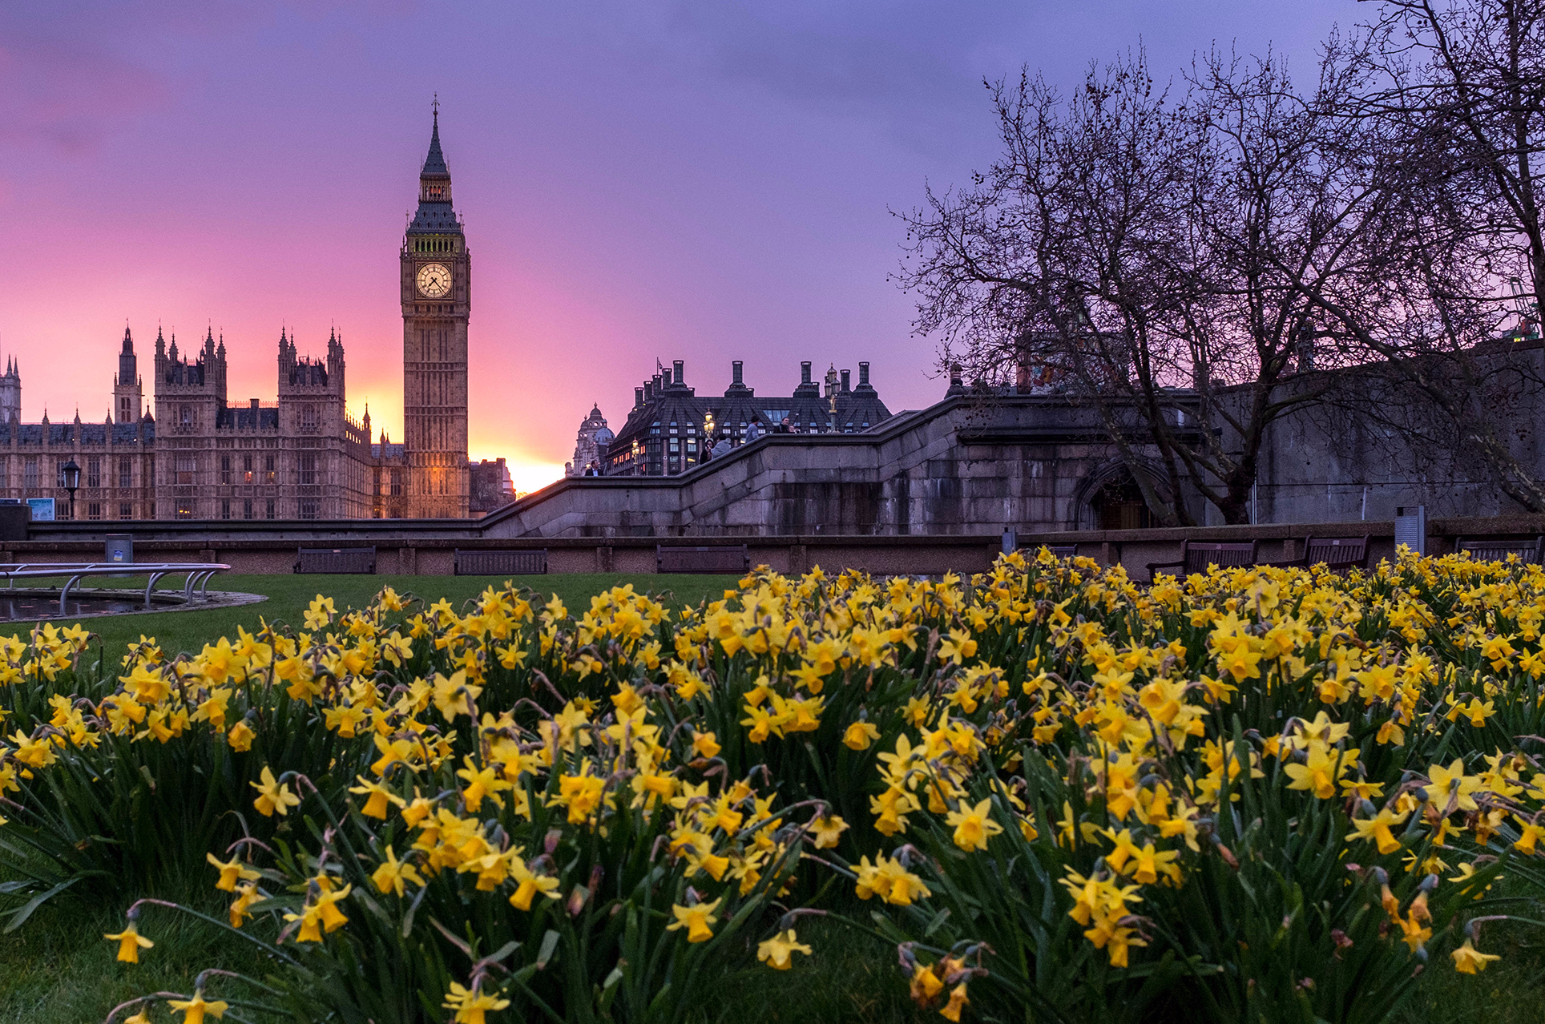 andare a Londra in primavera